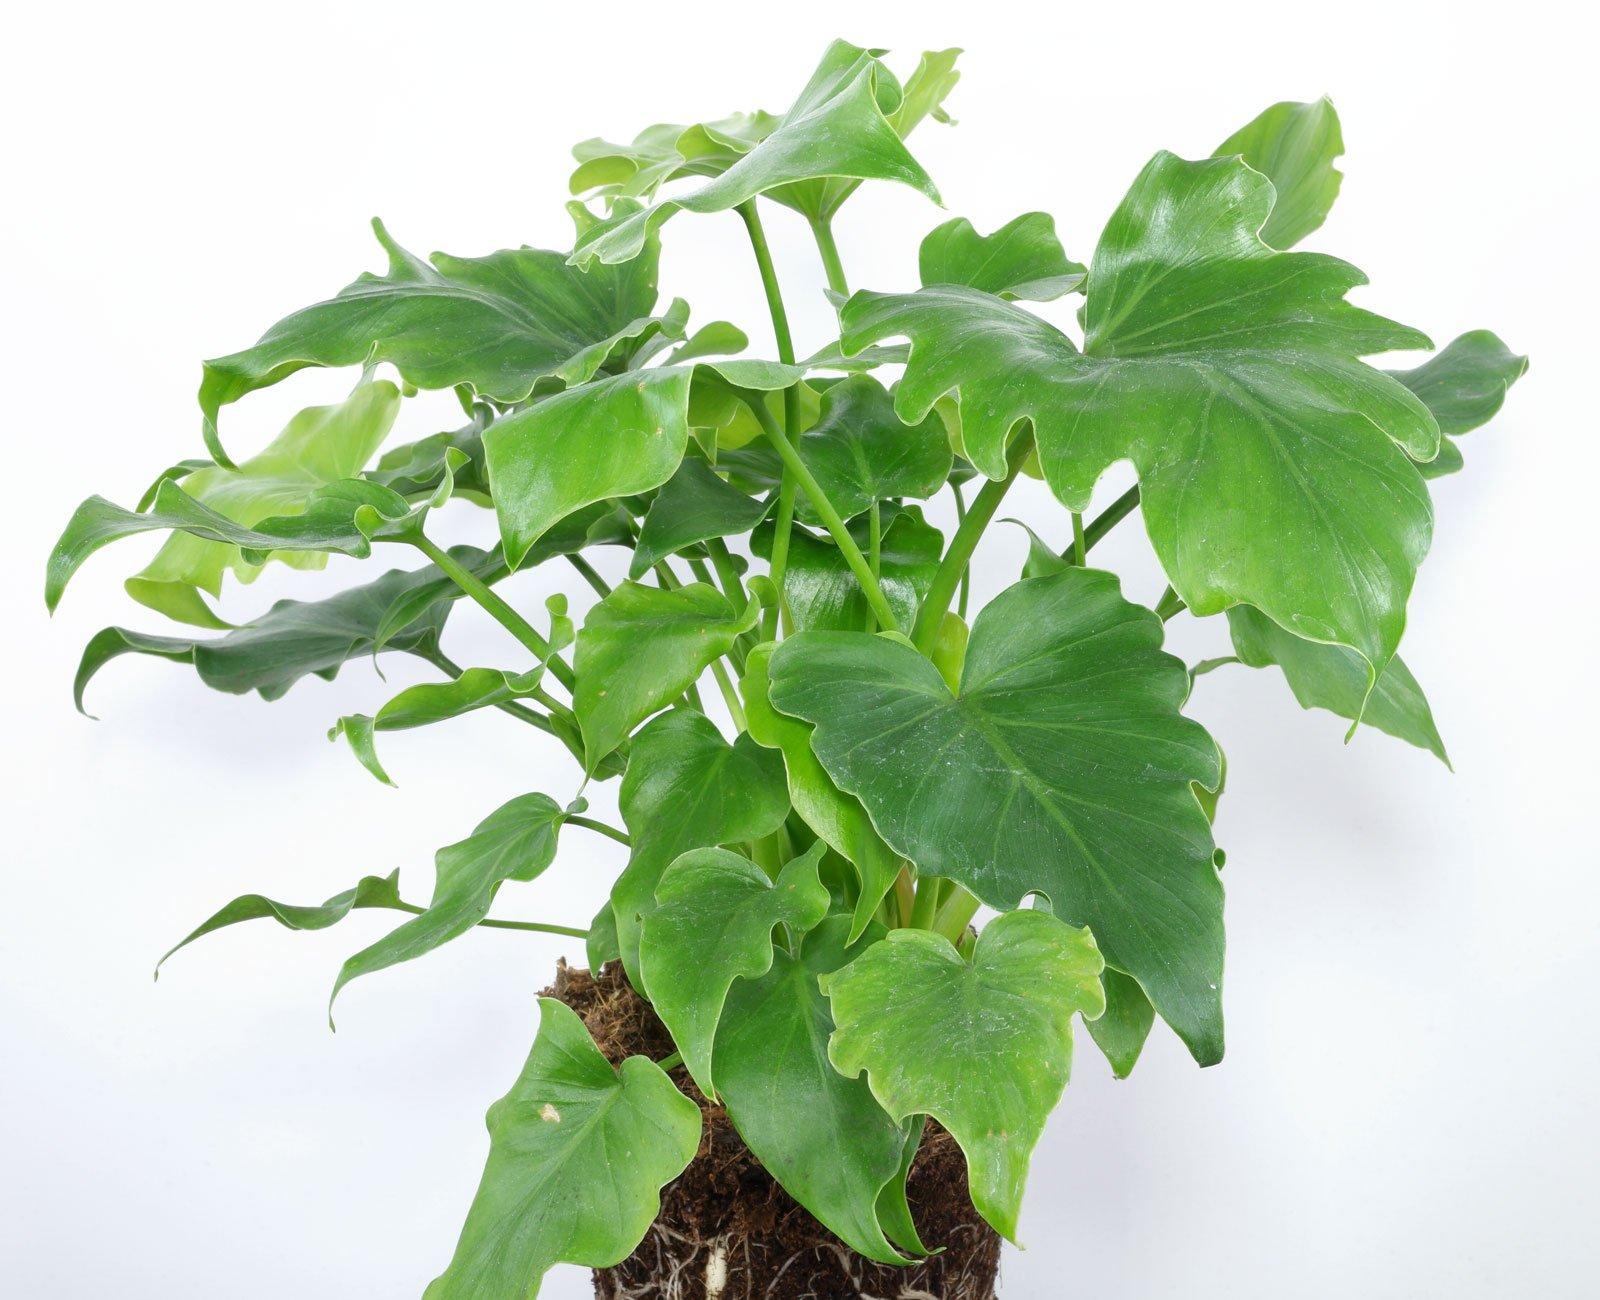 Philodendron bipinnatifidum Little Hope